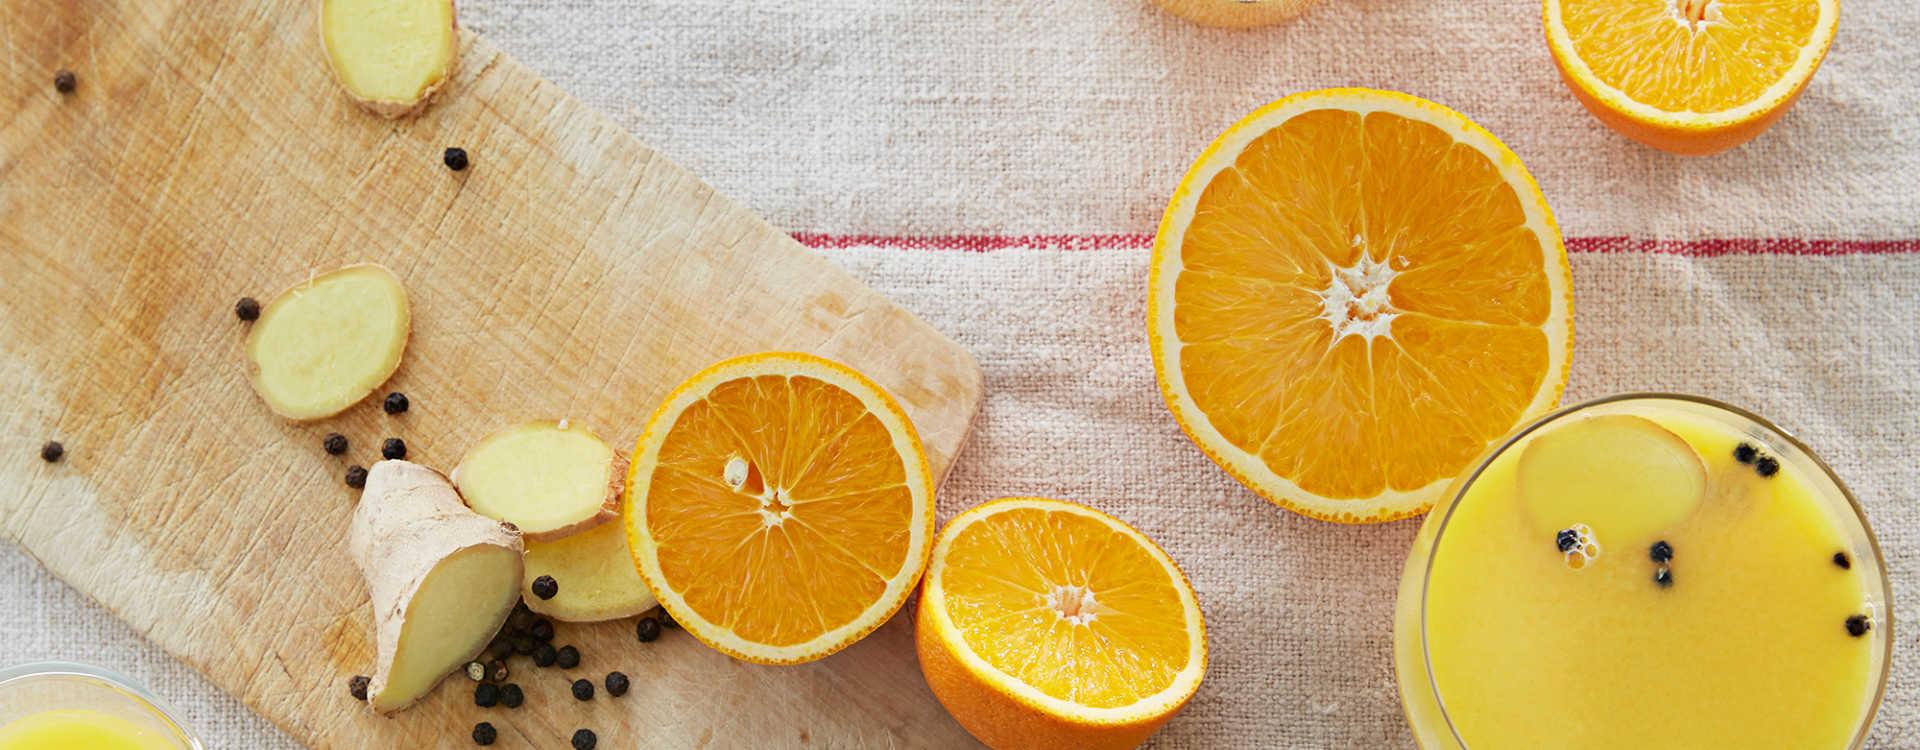 Varm appelsindrikk med ingefær